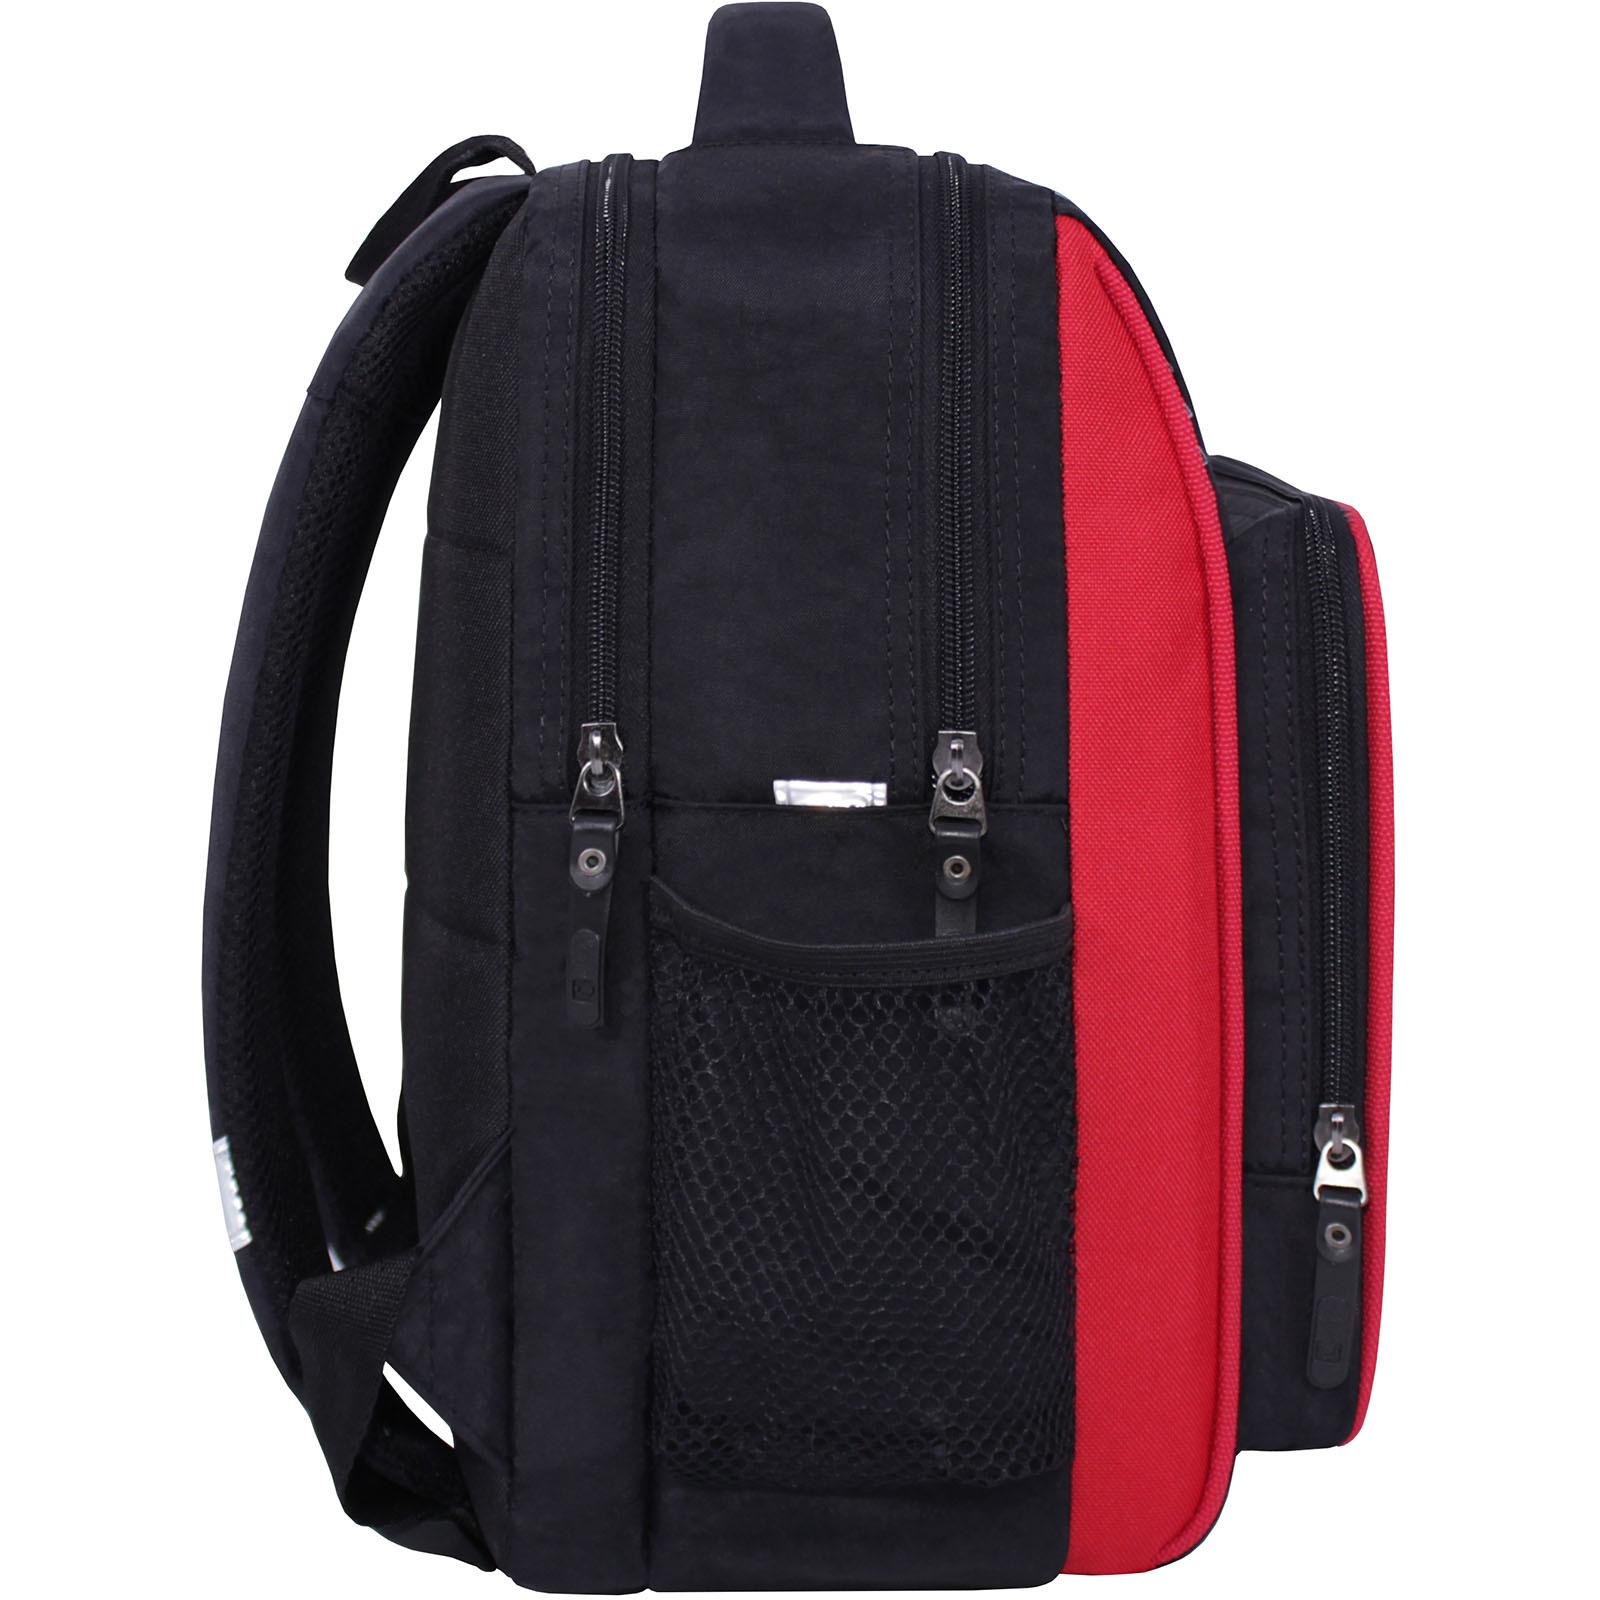 Рюкзак школьный Bagland Школьник 8 л. черный 500 (00112702) фото 2